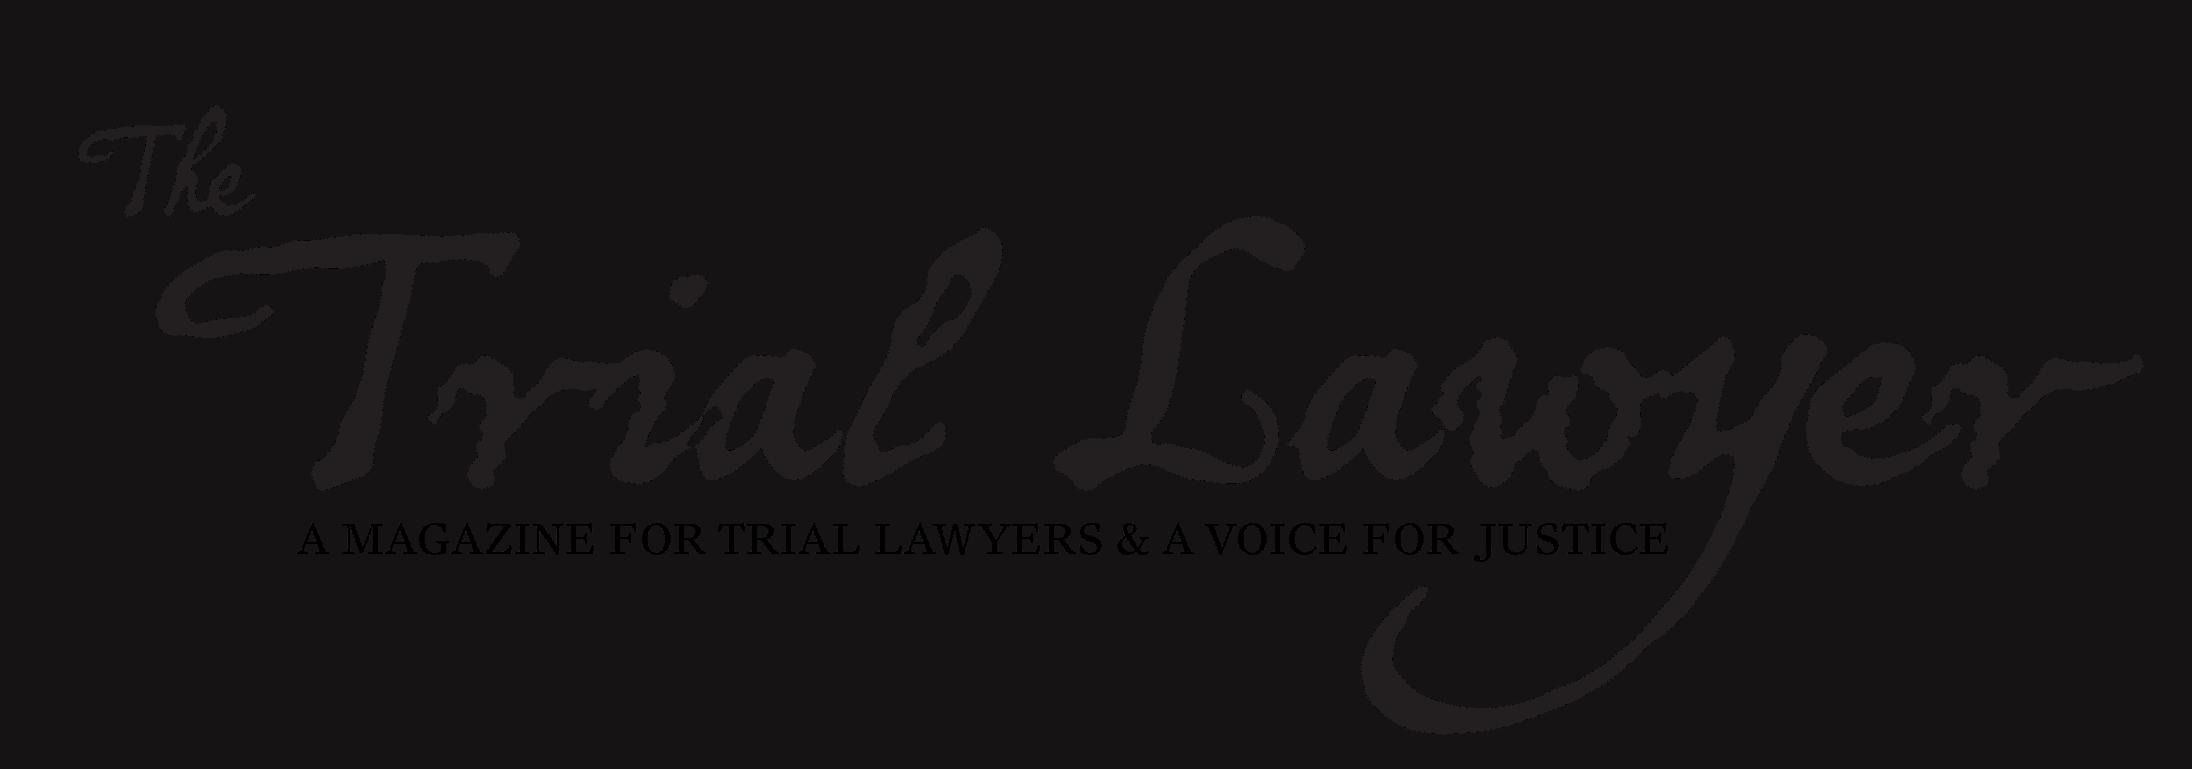 The Trial Lawyer Magazine Logo